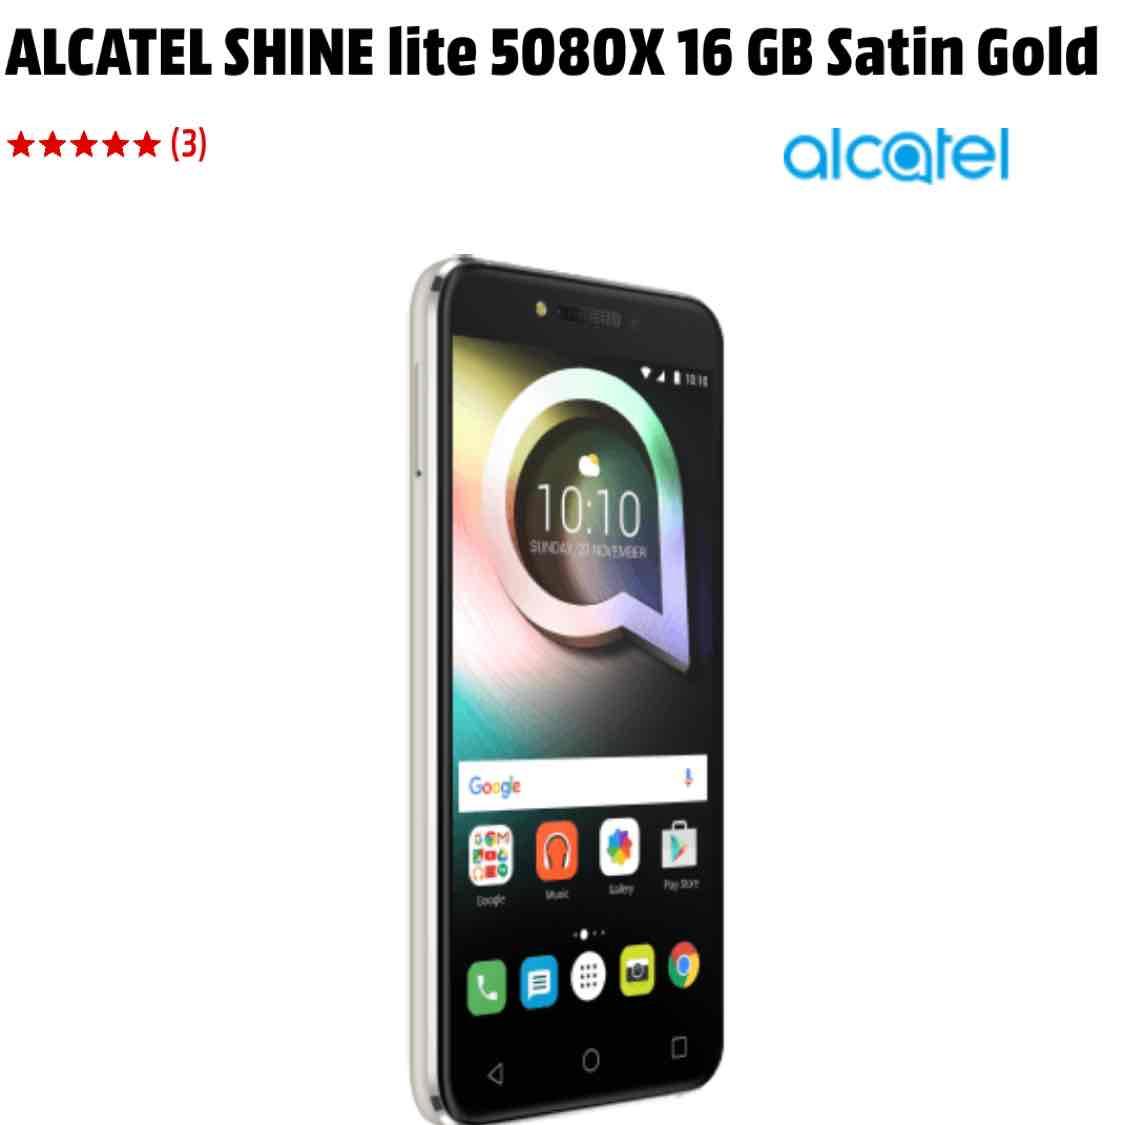 Alcatel Shine Lite TOP Preis 166 € - Lokal Media Markt Nordhorn